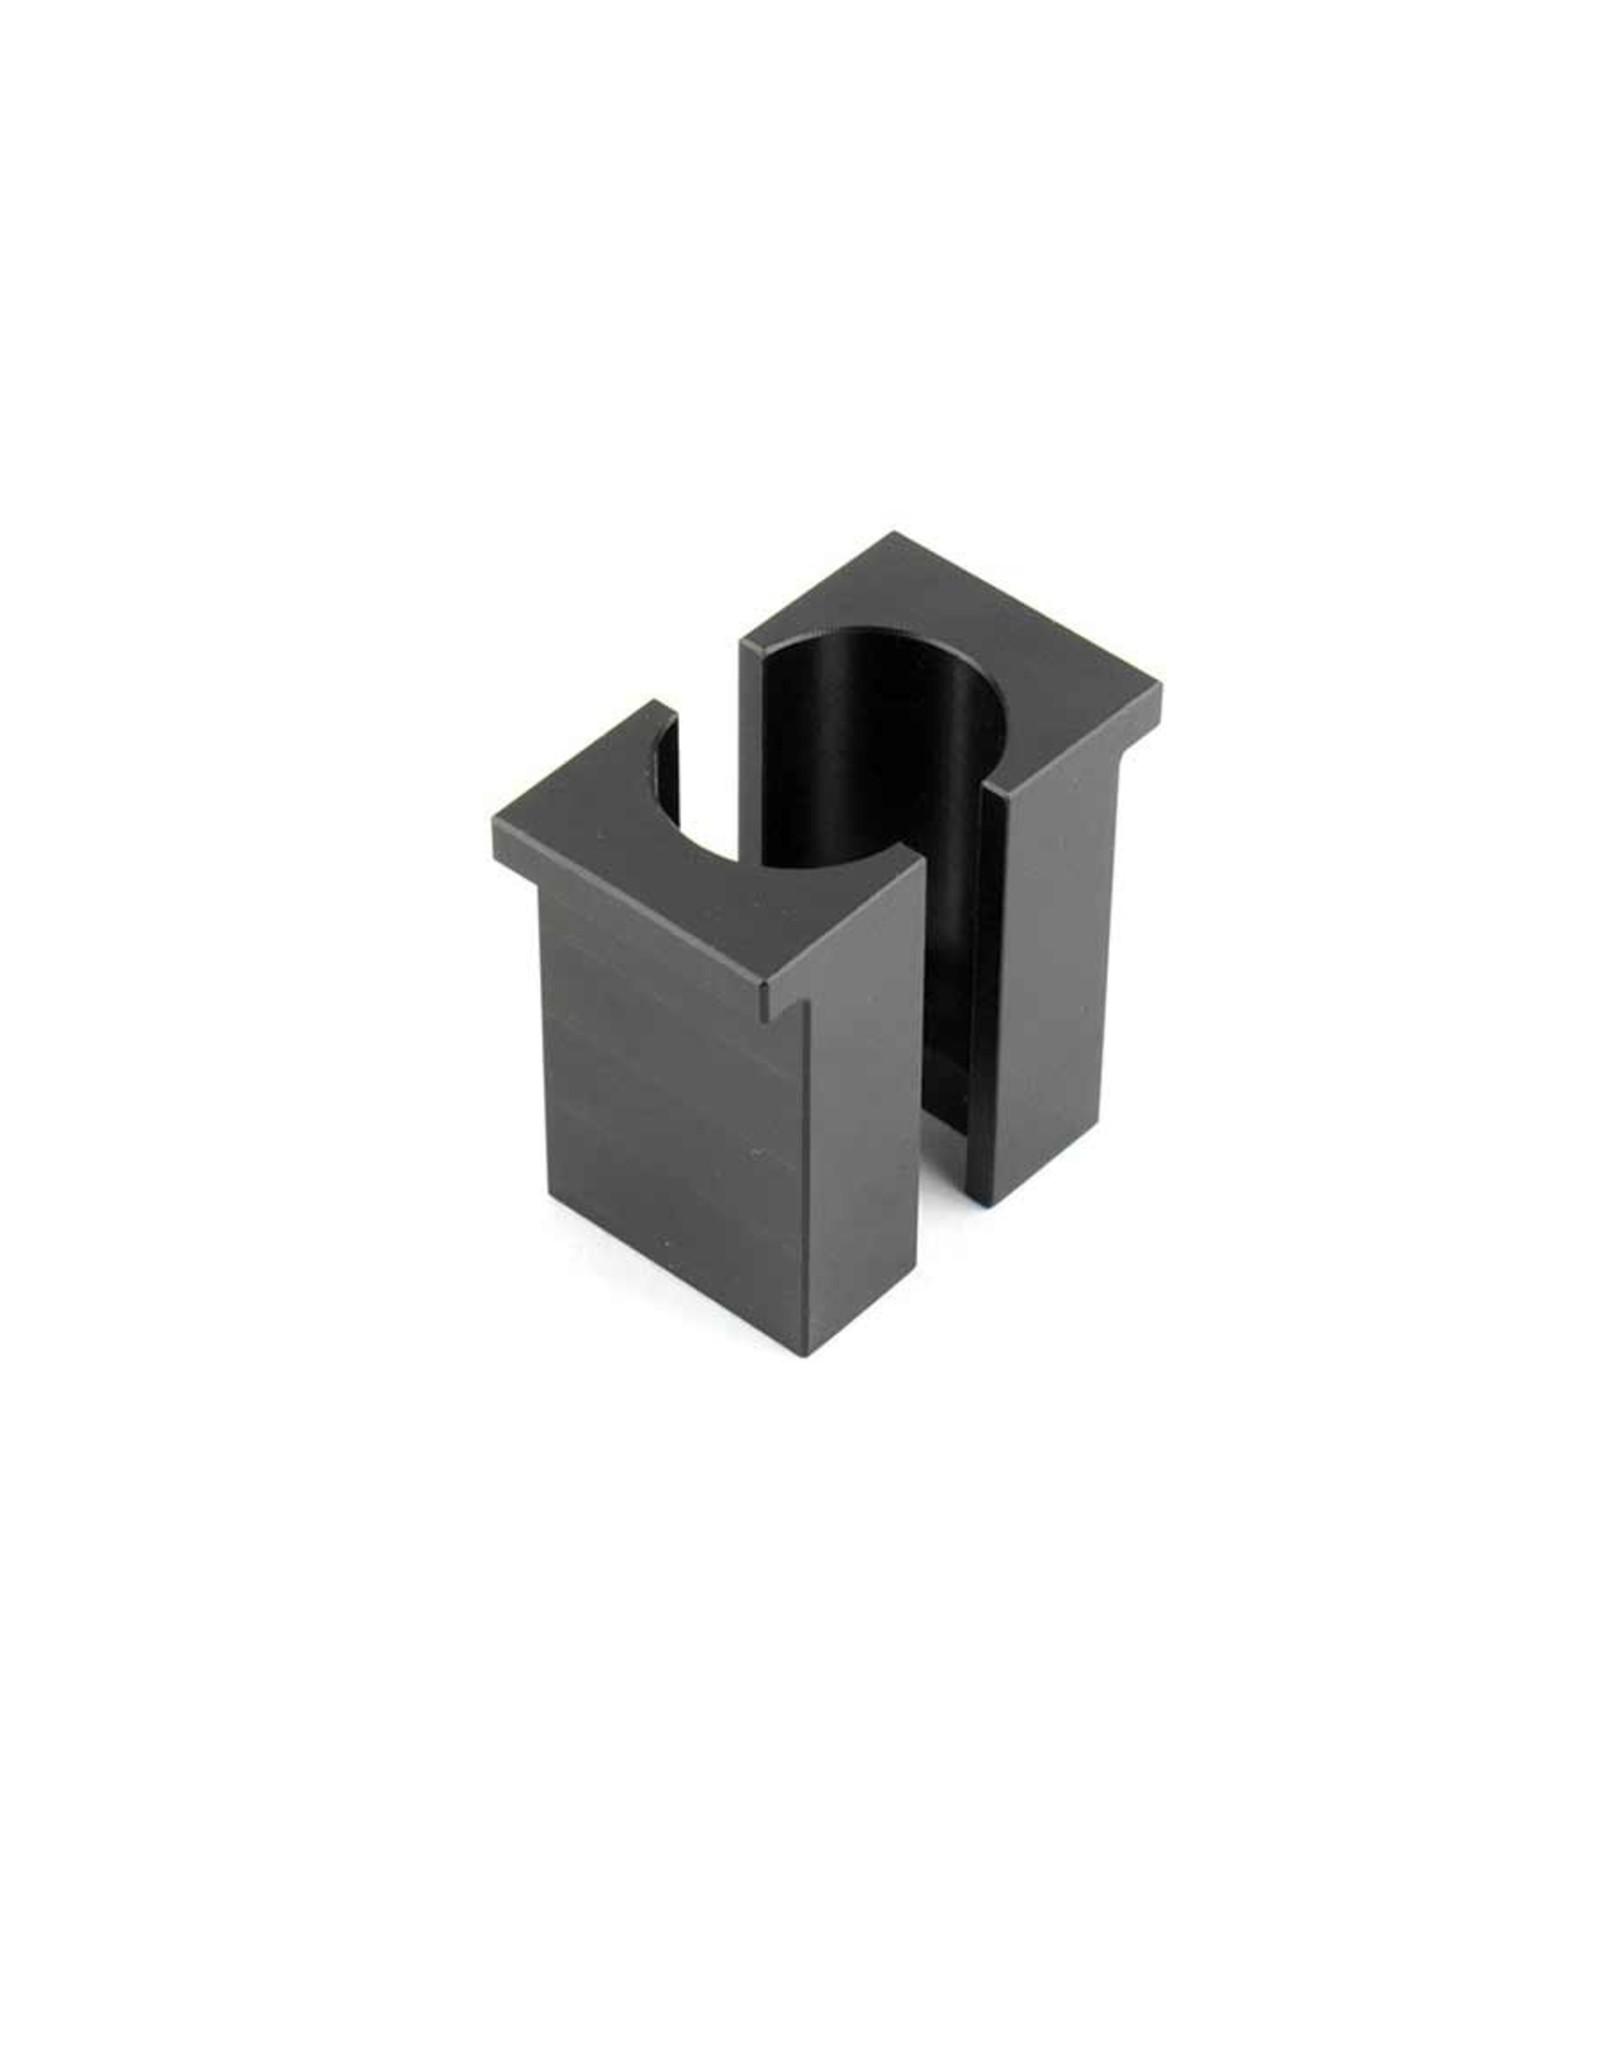 RockShox Rear Shock Vise Blocks, 23.8 - SIDLuxe